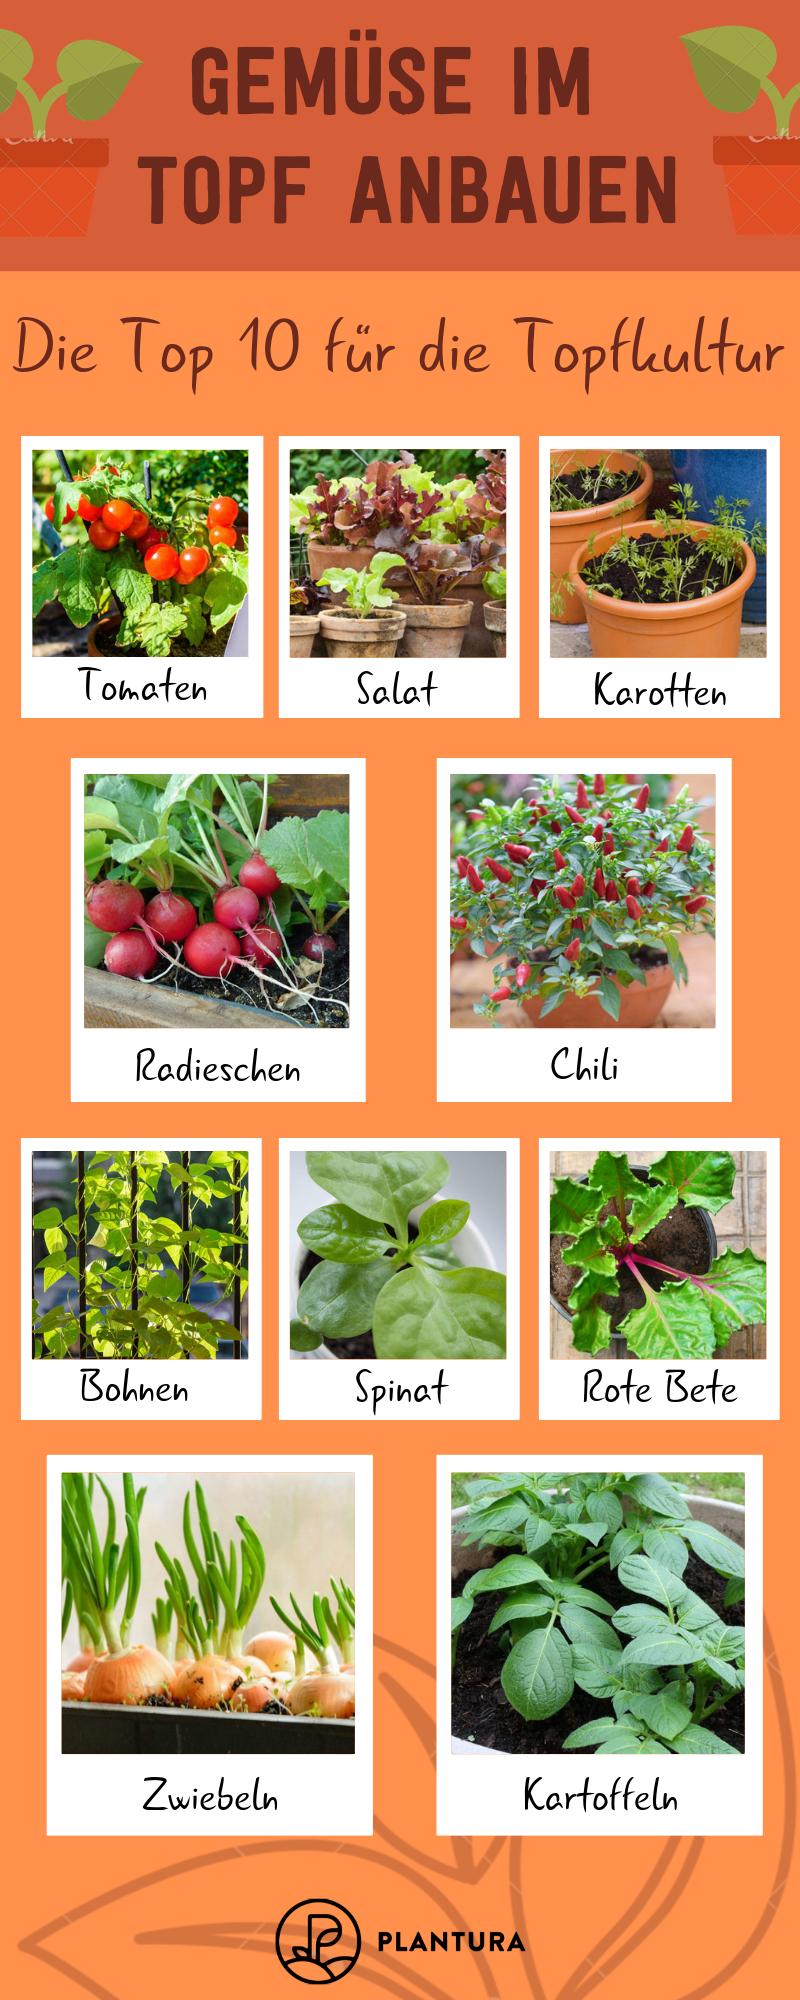 Gemüse im Topf anbauen: Die 10 besten Sorten für die Topfkultur - Plantura #gemüsepflanzen